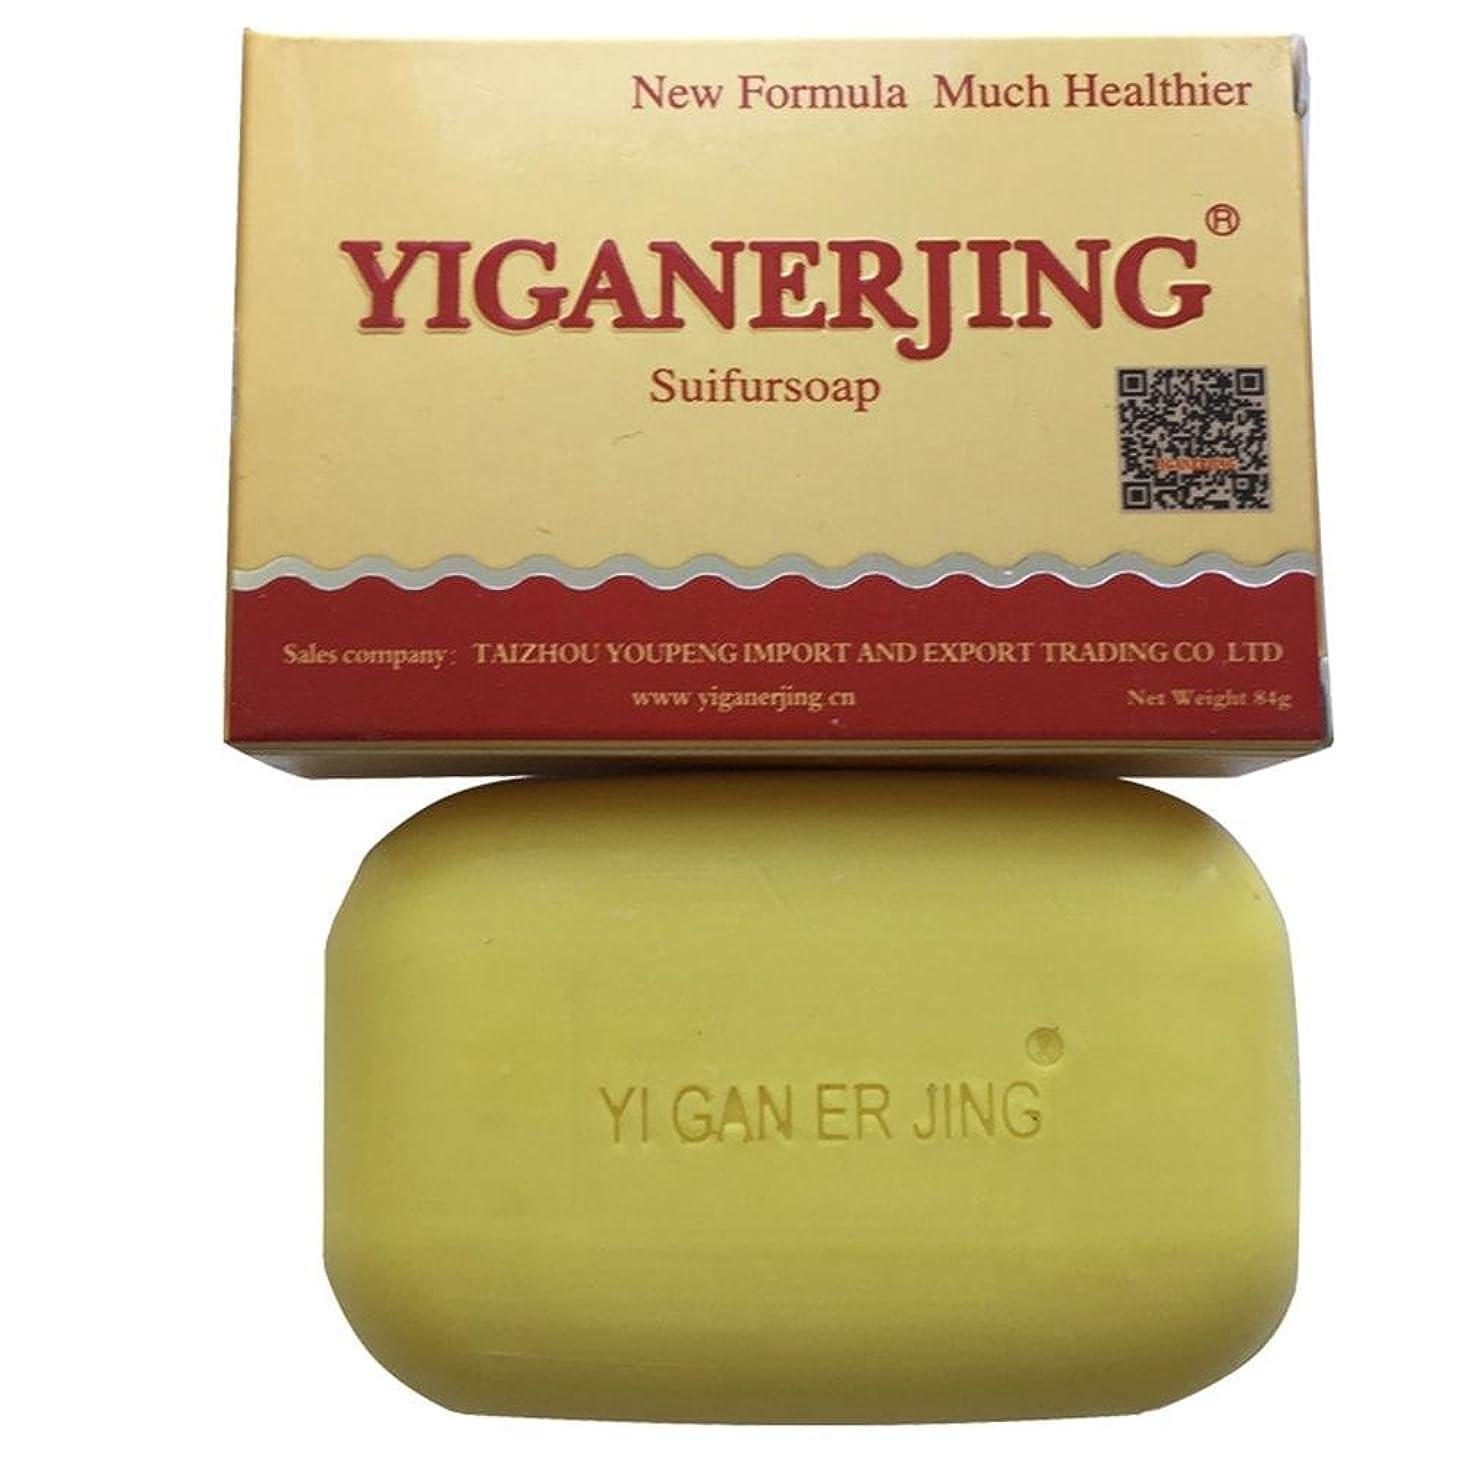 レイアプレーヤー達成する洗颜石鹸 顔ダニ対策 硫黄石鹸 肌の状態を改善する 抗真菌バス美白石けんシャンプー石鹸 洗颜用品 90g